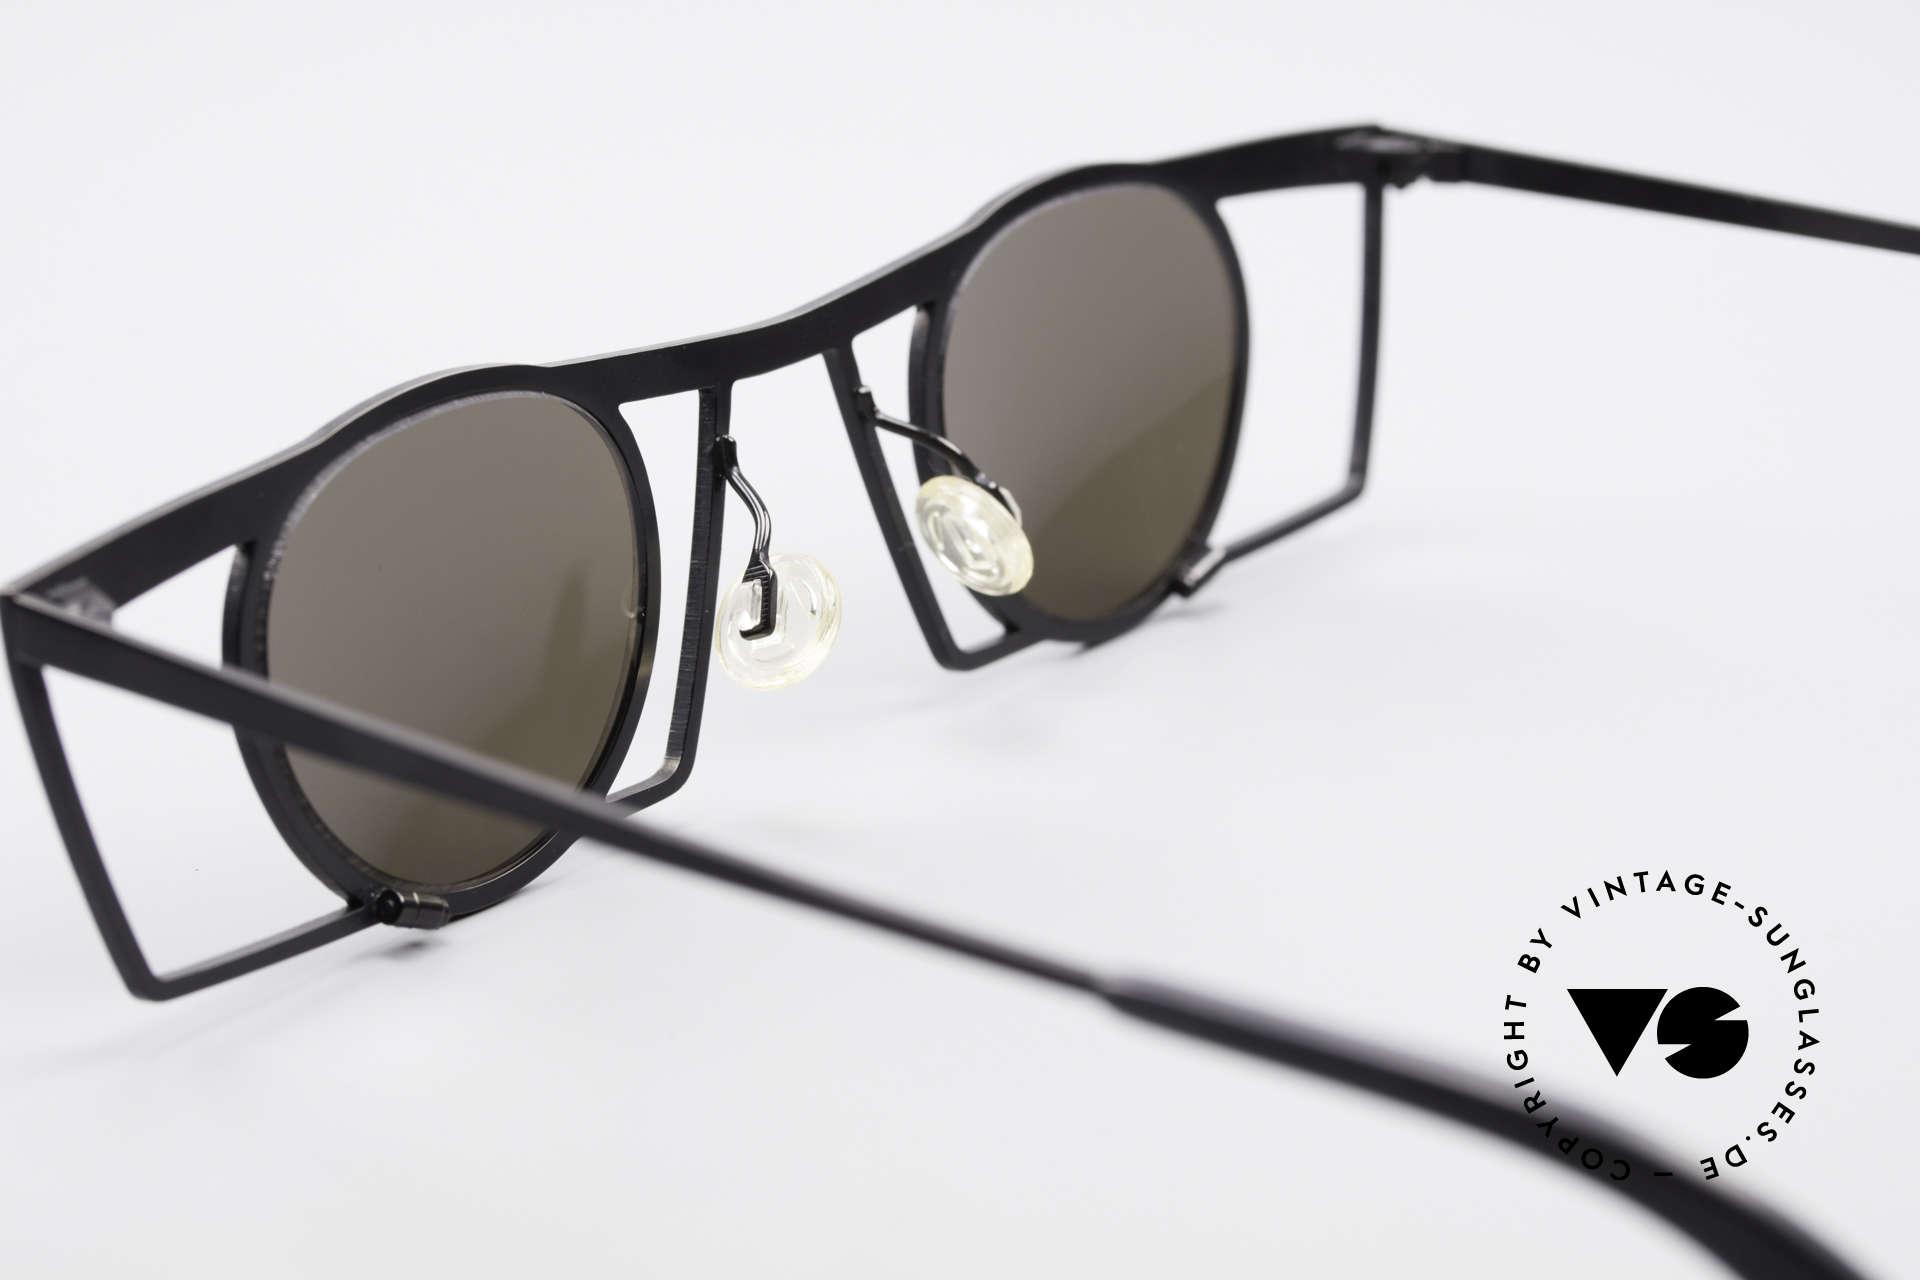 Theo Belgium Jupiter Square Designer Sunglasses, Size: medium, Made for Men and Women